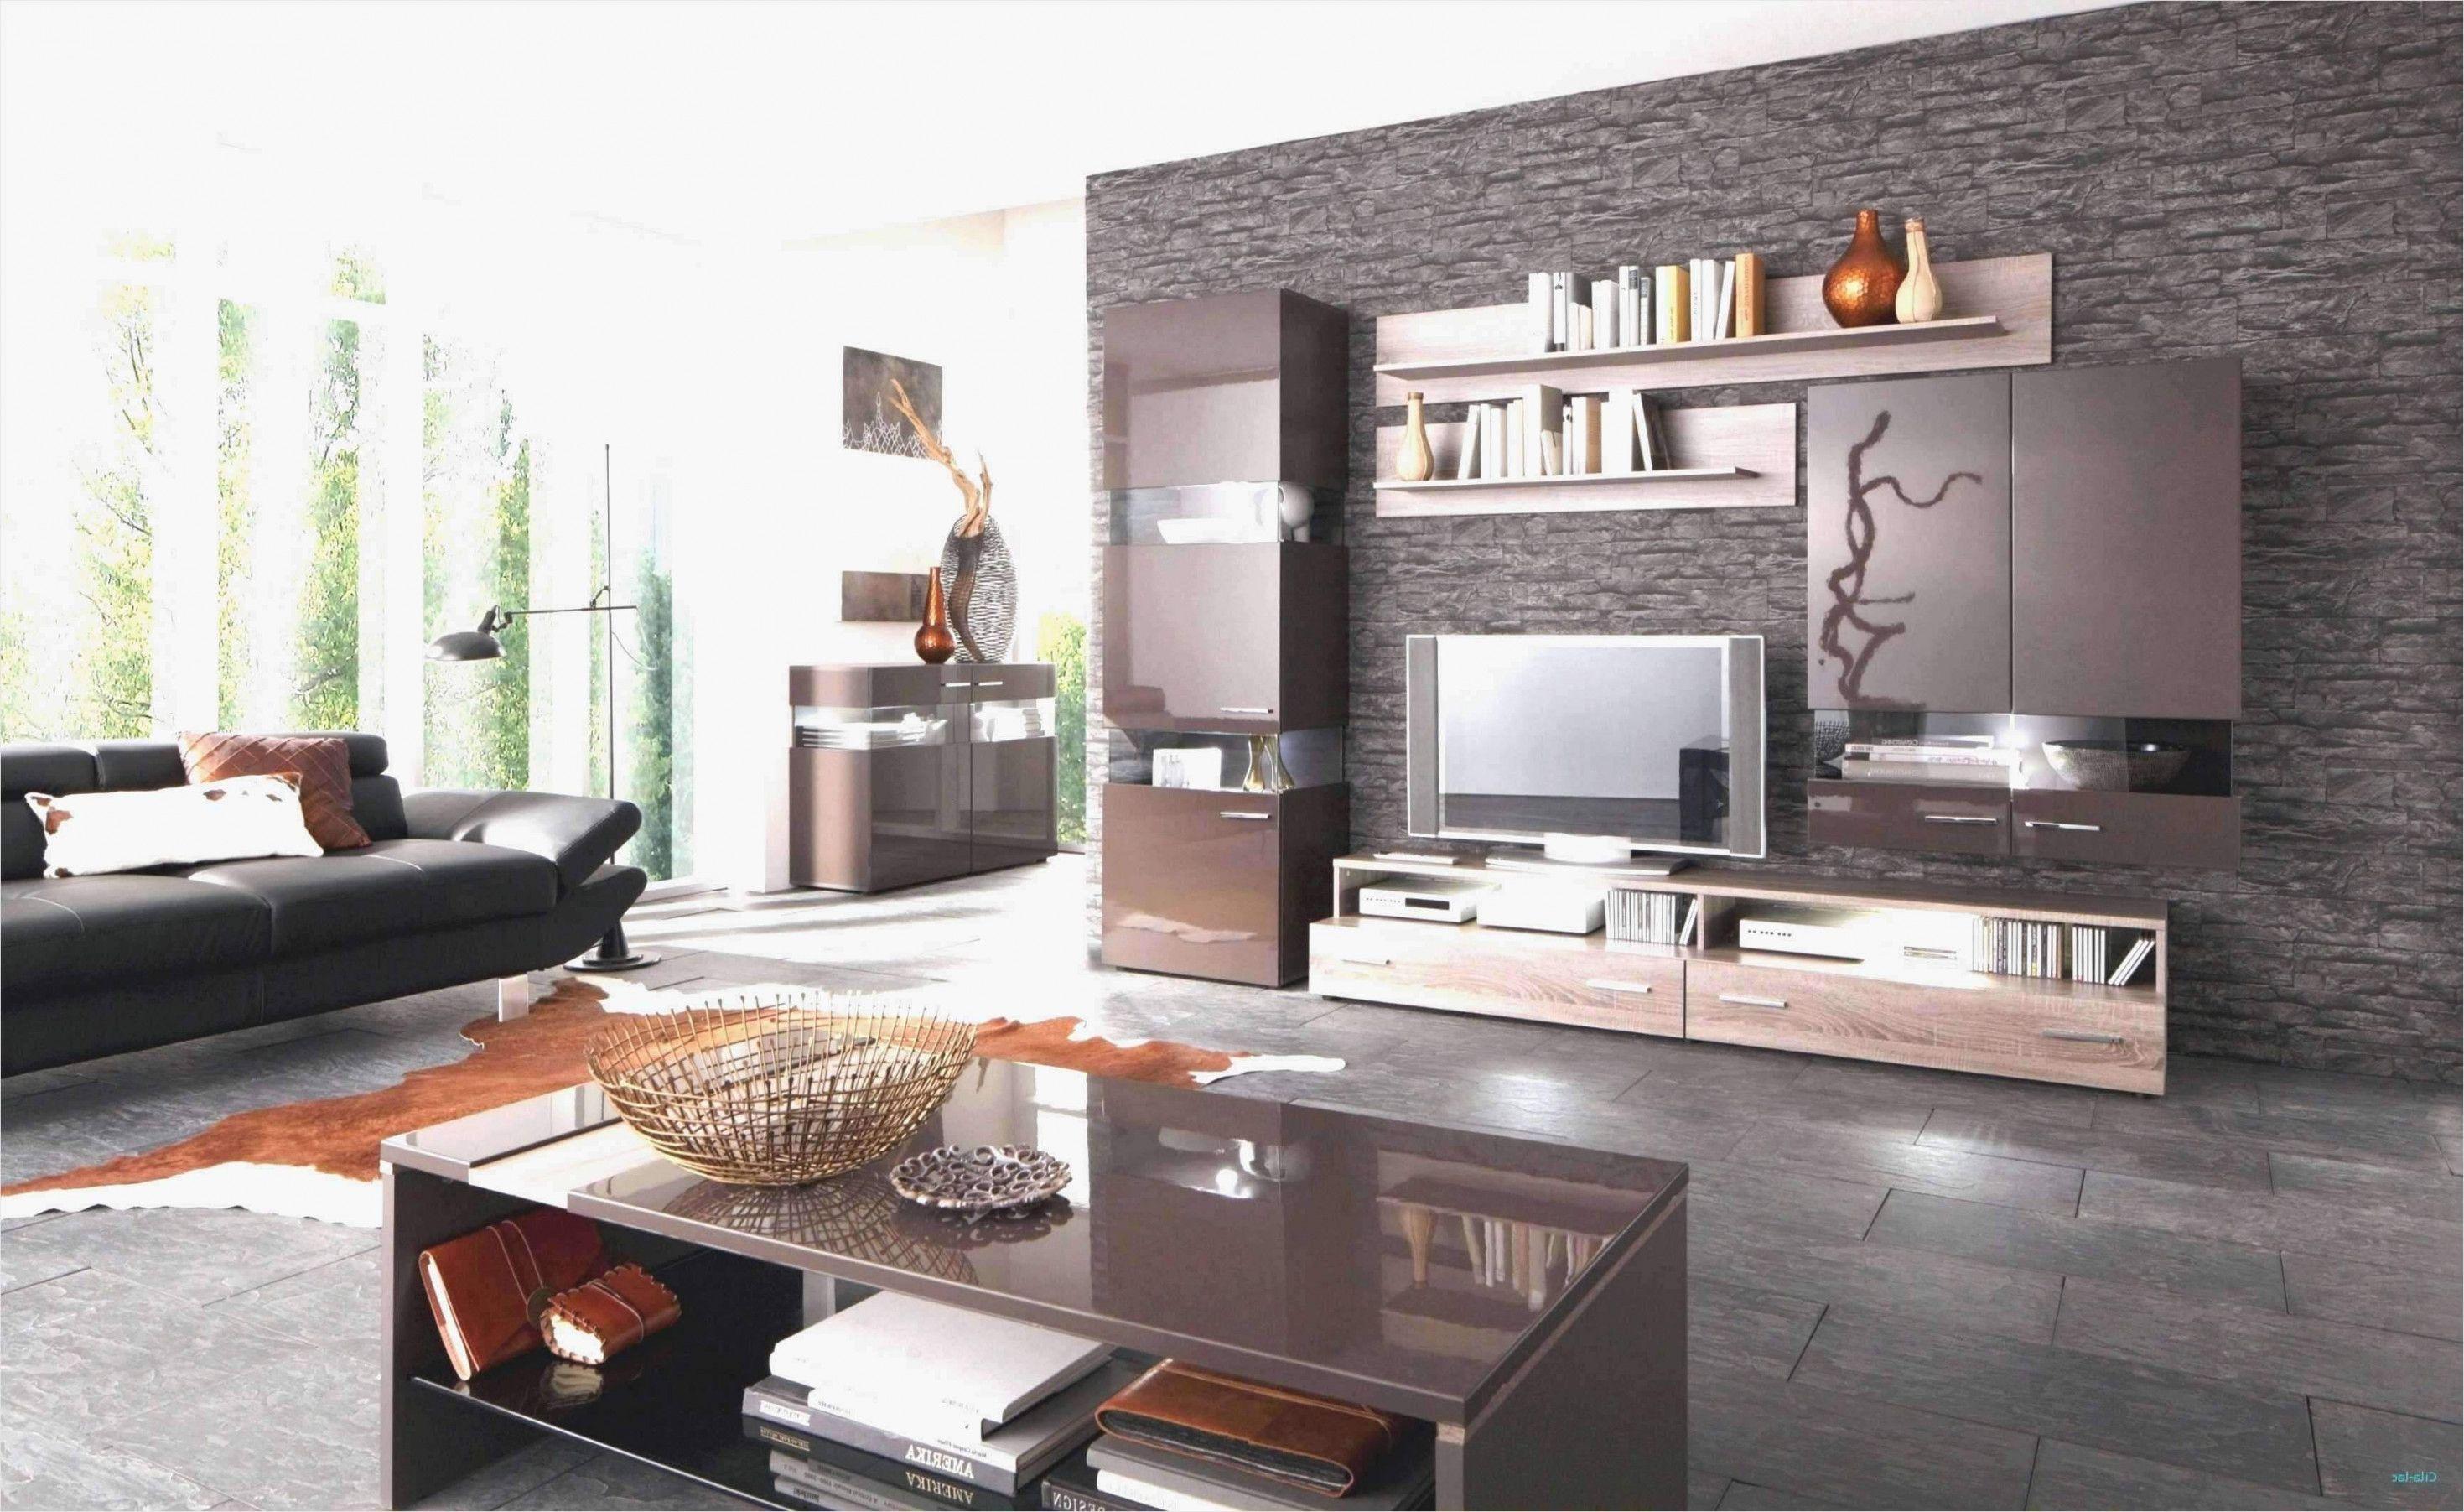 Moderner Landhausstil Dekoration Wohnzimmer Einrichten